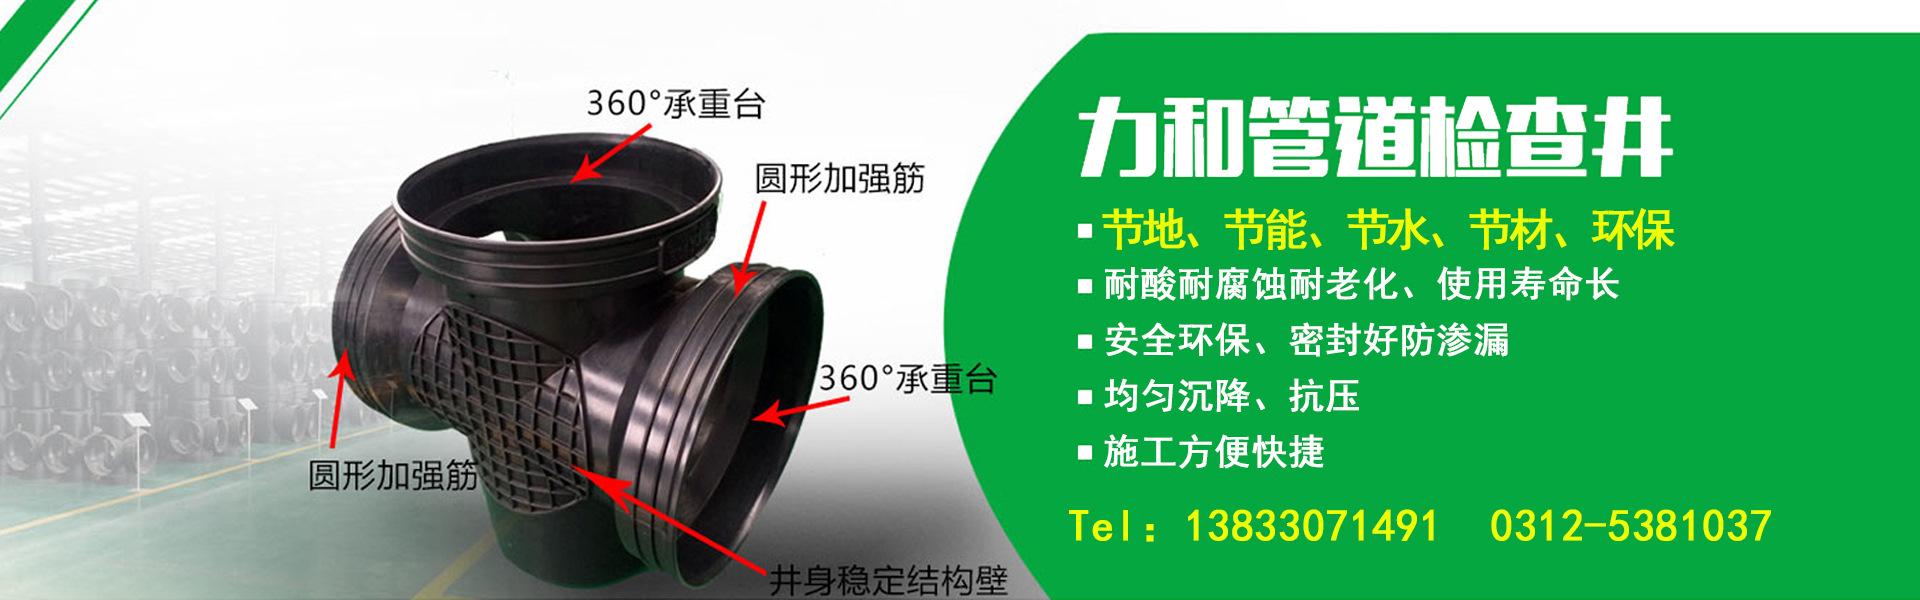 450*300流槽直通井 塑料检查井 华北大型生产厂家 售后服务有保证示例图10